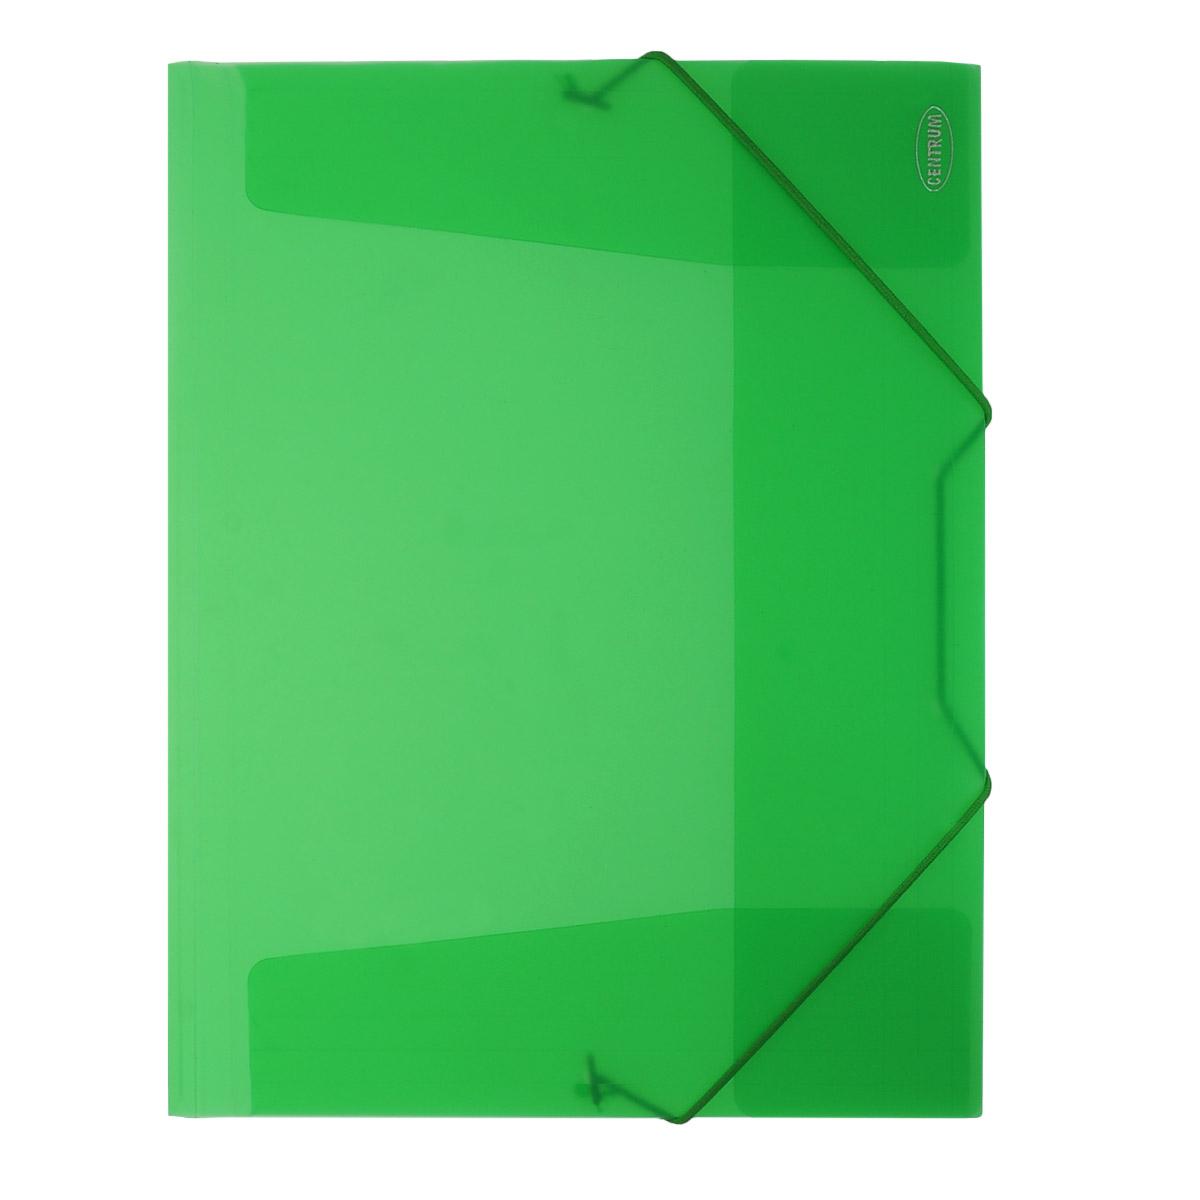 Папка на резинке Centrum пластиковая, формат А4, цвет: зеленый. 8001680016_зеленыйПапка на резинке Centrum станет вашим верным помощником дома и в офисе. Это удобный и функциональный инструмент, предназначенный для хранения и транспортировки больших объемов рабочих бумаг и документов формата А4. Папка изготовлена из износостойкого высококачественного пластика. Состоит из одного вместительного отделения. Грани папки закруглены для дополнительной прочности и сохранности опрятного вида папки. Папка - это незаменимый атрибут для любого студента, школьника или офисного работника. Такая папка надежно сохранит ваши бумаги и сбережет их от повреждений, пыли и влаги.